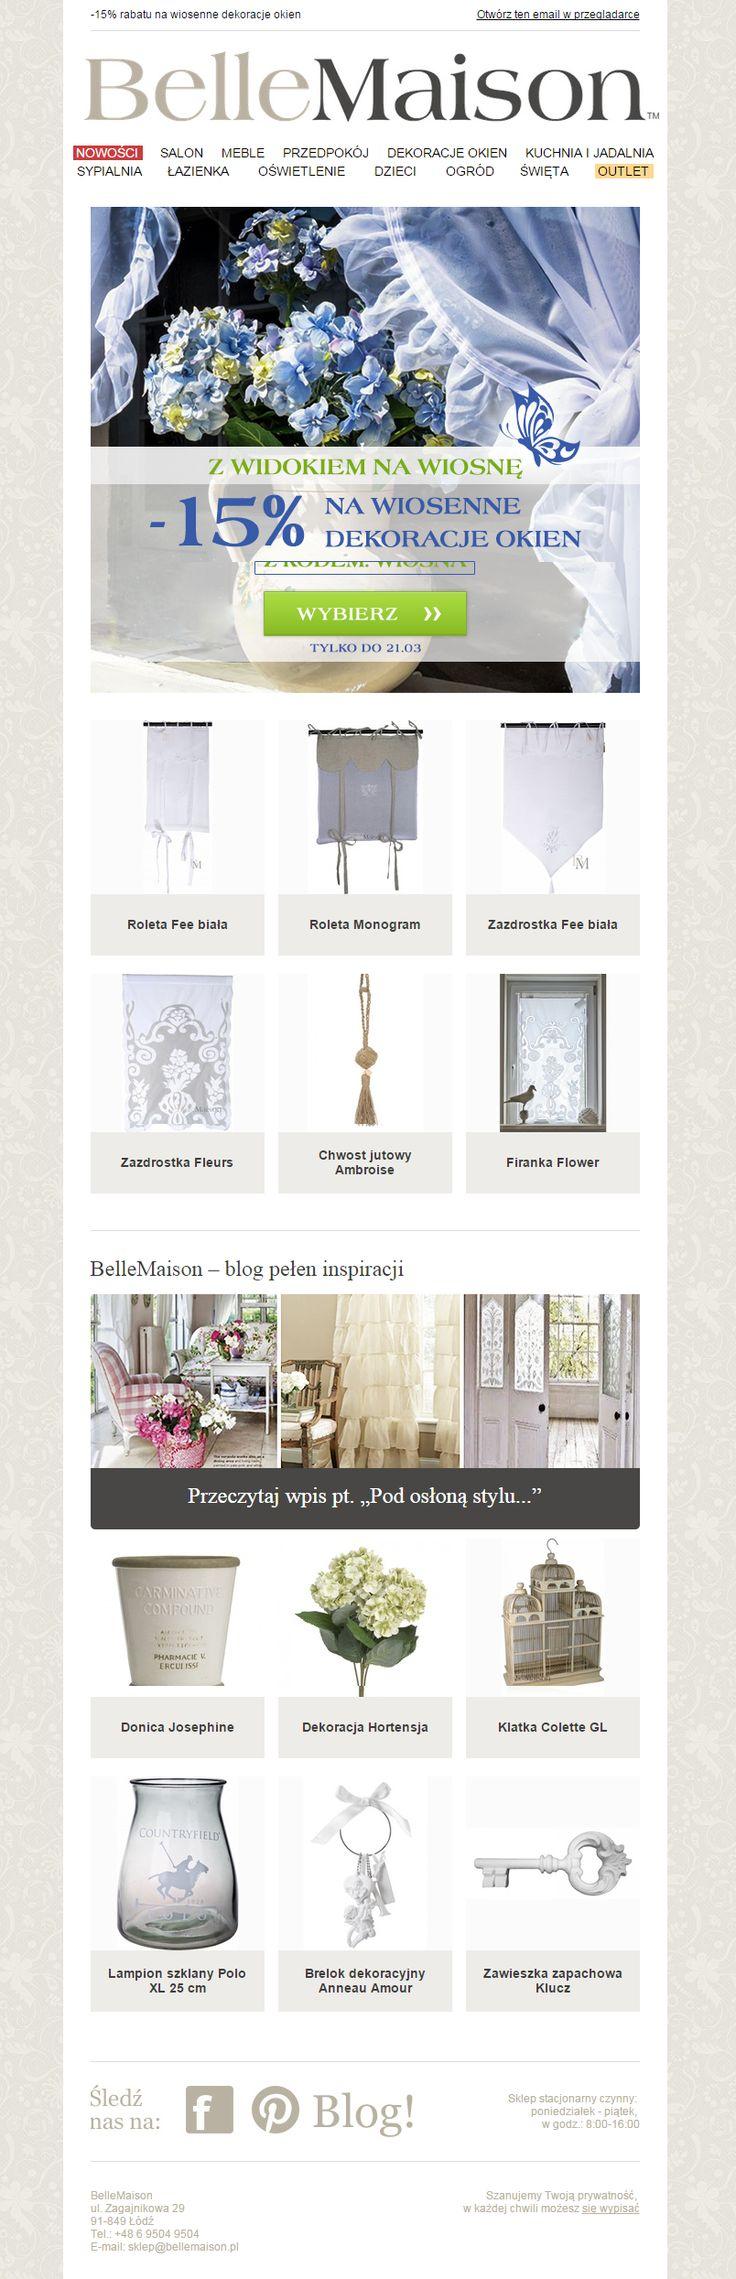 """""""Z widokiem na wiosnę"""" - newsletter promujący  okienne dekoracje w BelleMaison.  #email #template #ecommerce #newsletter"""